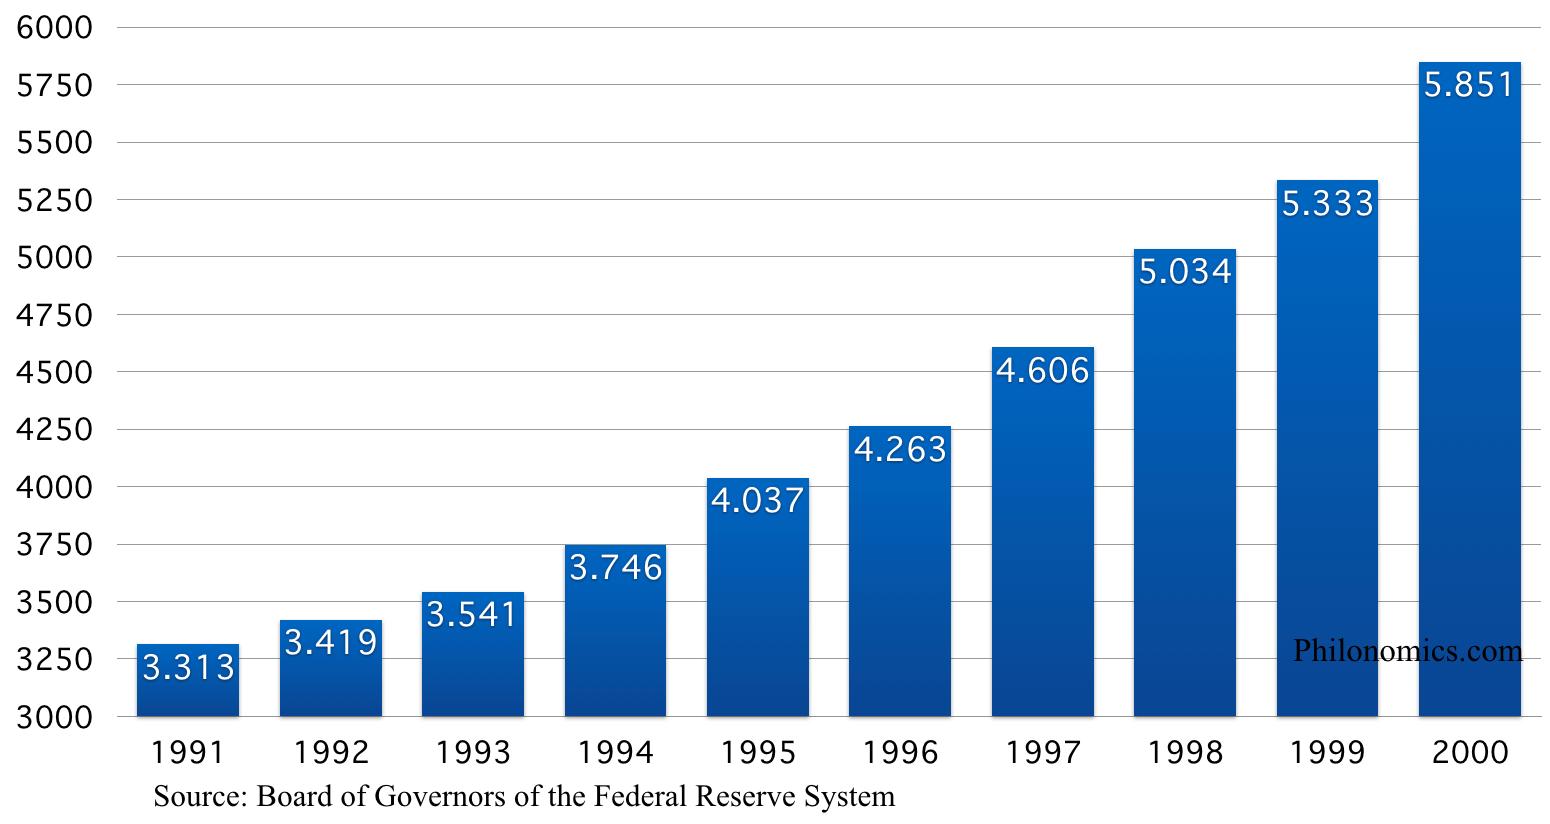 Bezit commerciële banken Verenigde Staten(in miljarden $)